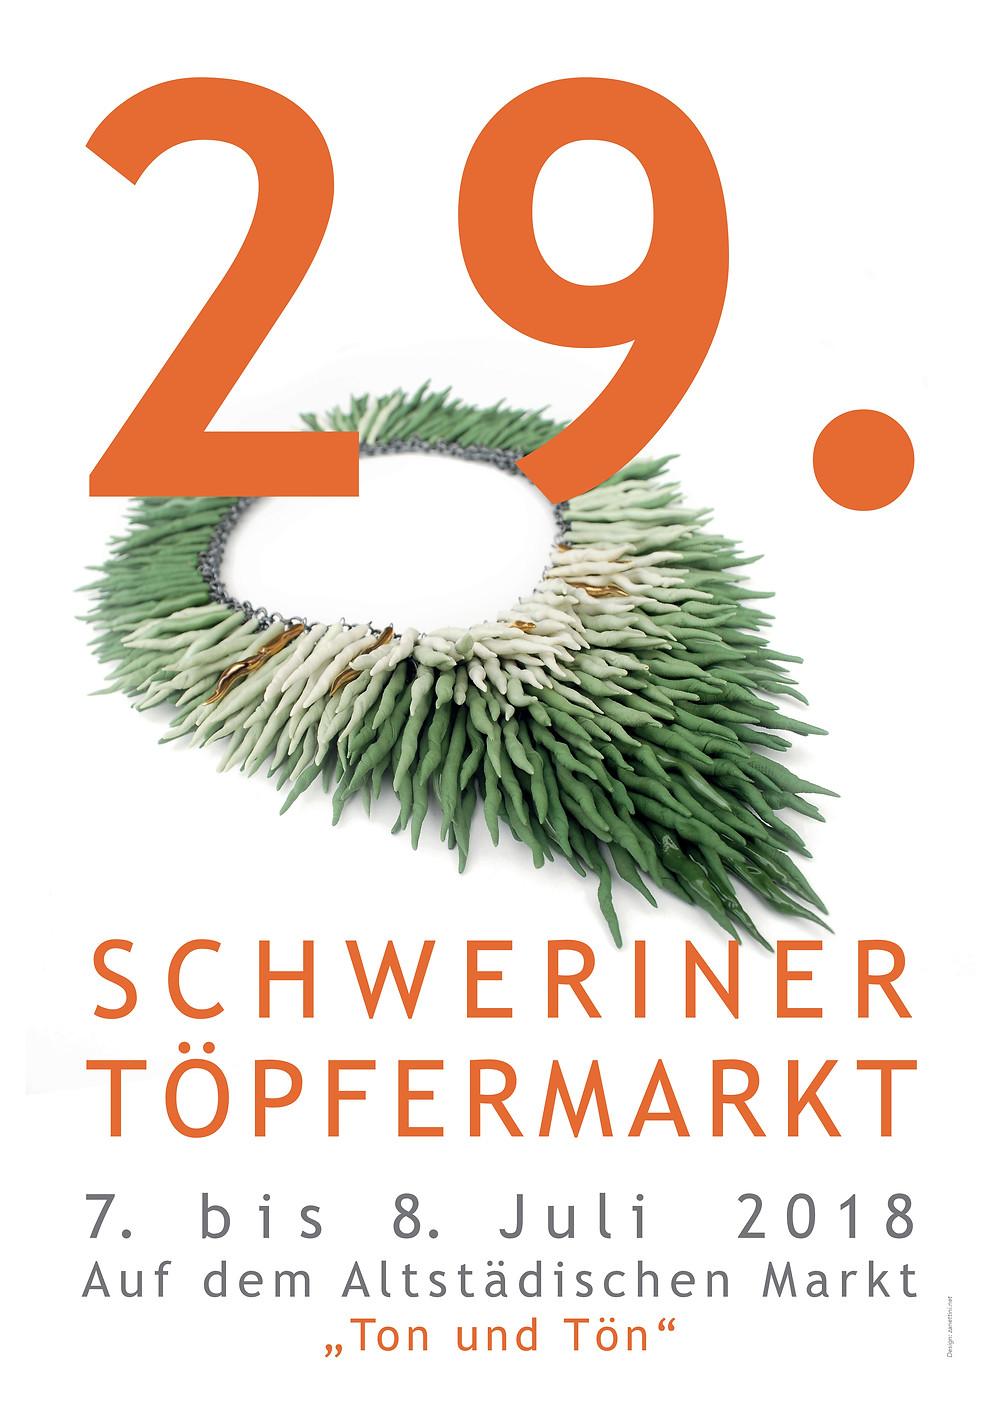 Schweriner Töpfermarkt